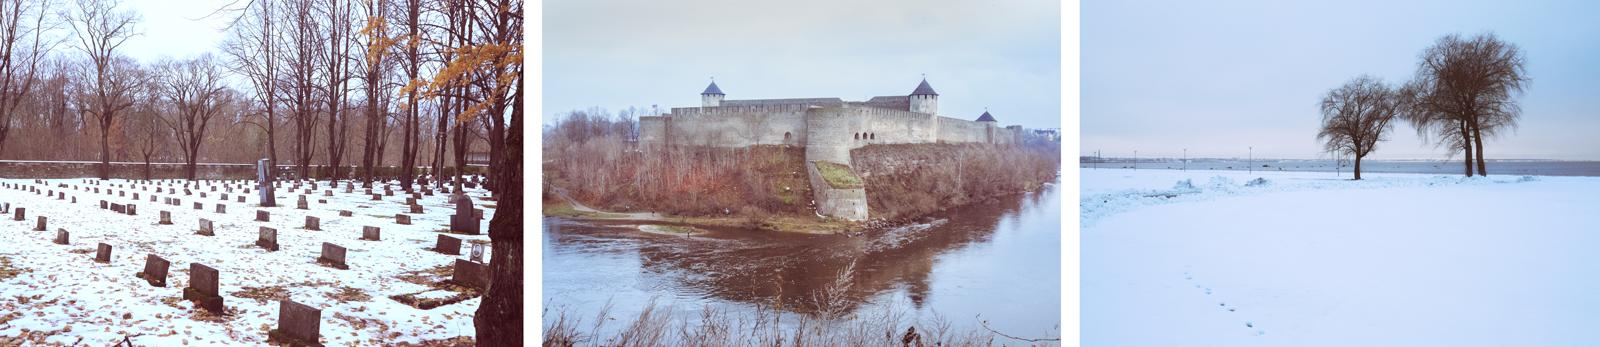 Советское кладбище/Нарвский замок/район Пирита.